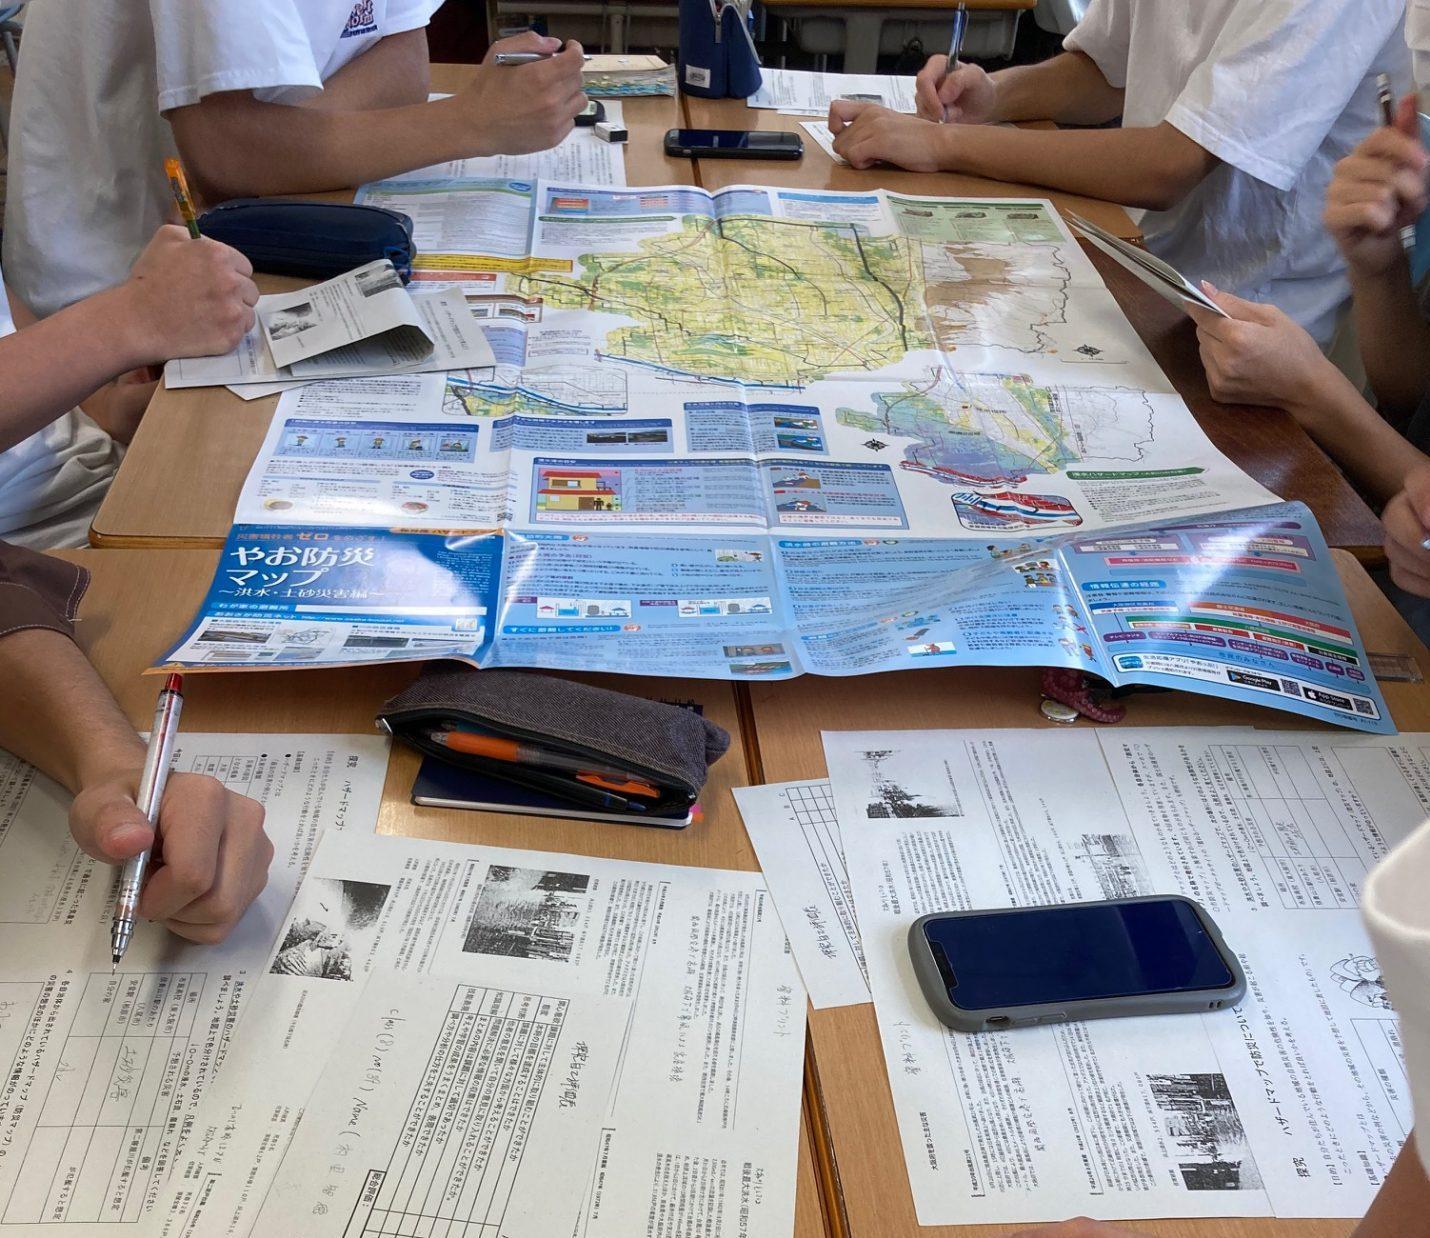 探求「ハザードマップで防災について考えよう」